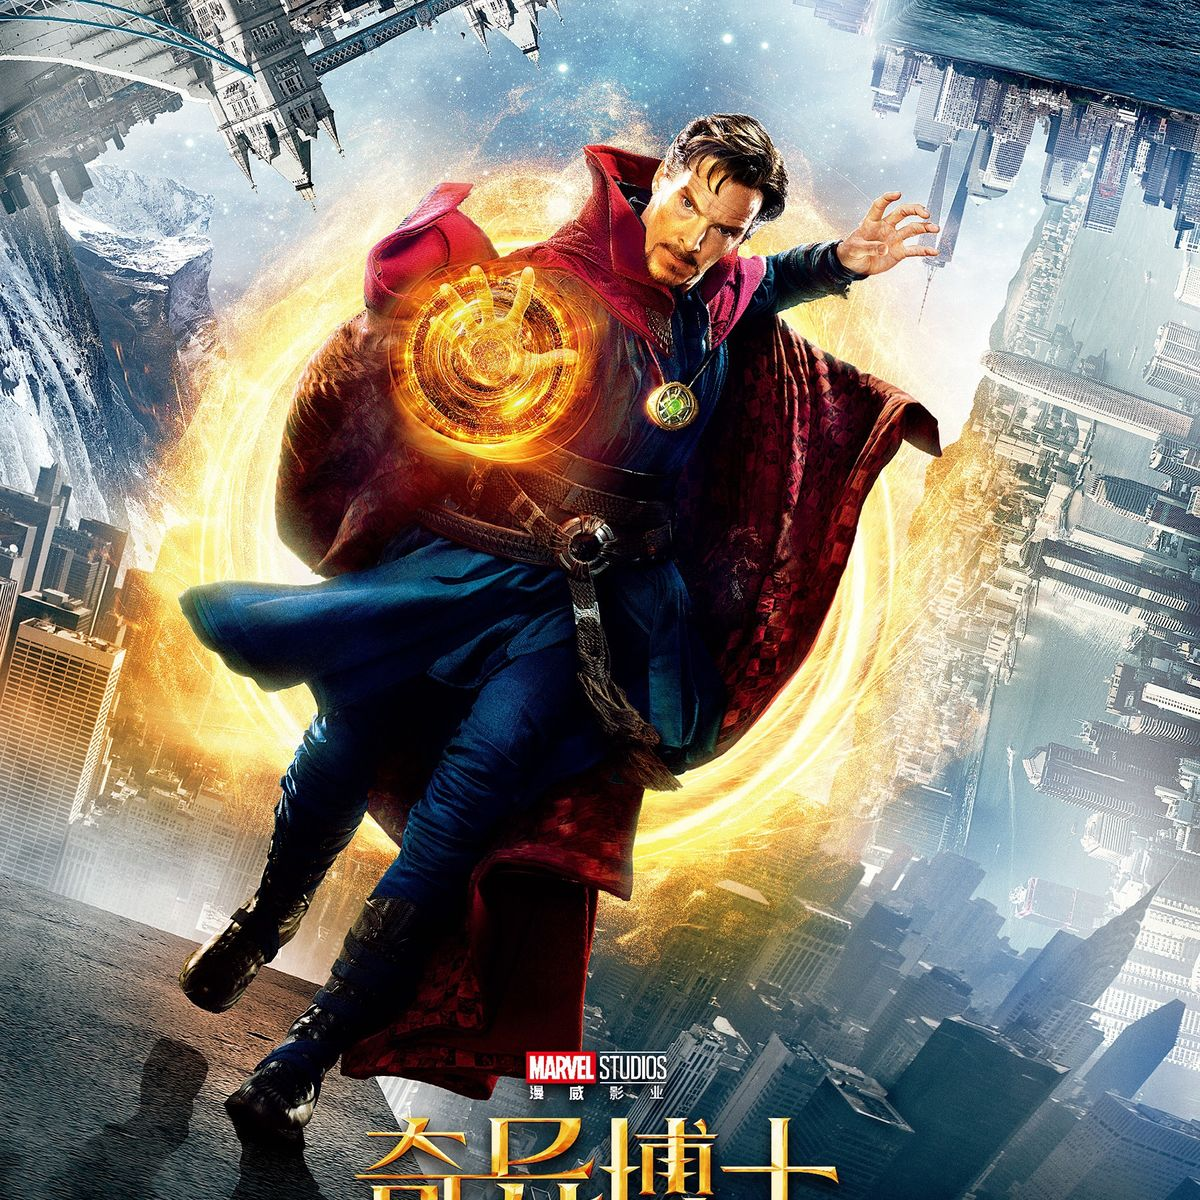 doctor_strange_movie_poster_international.jpg